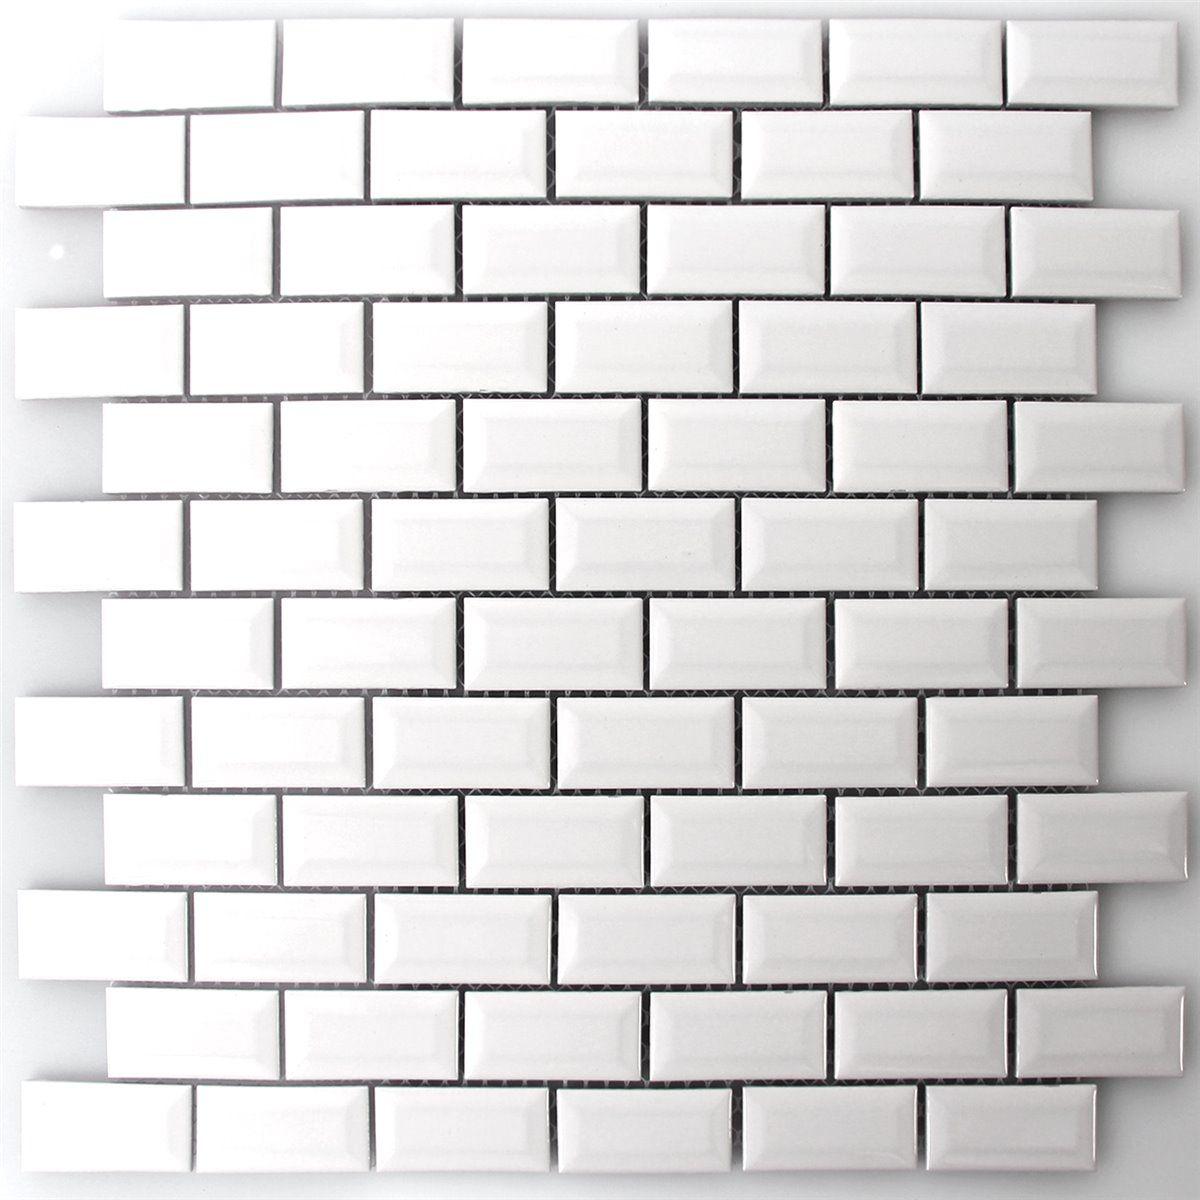 Für Die Waschküche Keramik Metro Mosaik Fliesen Mit Facette Weiss - Weiß bodenfliesen glanz